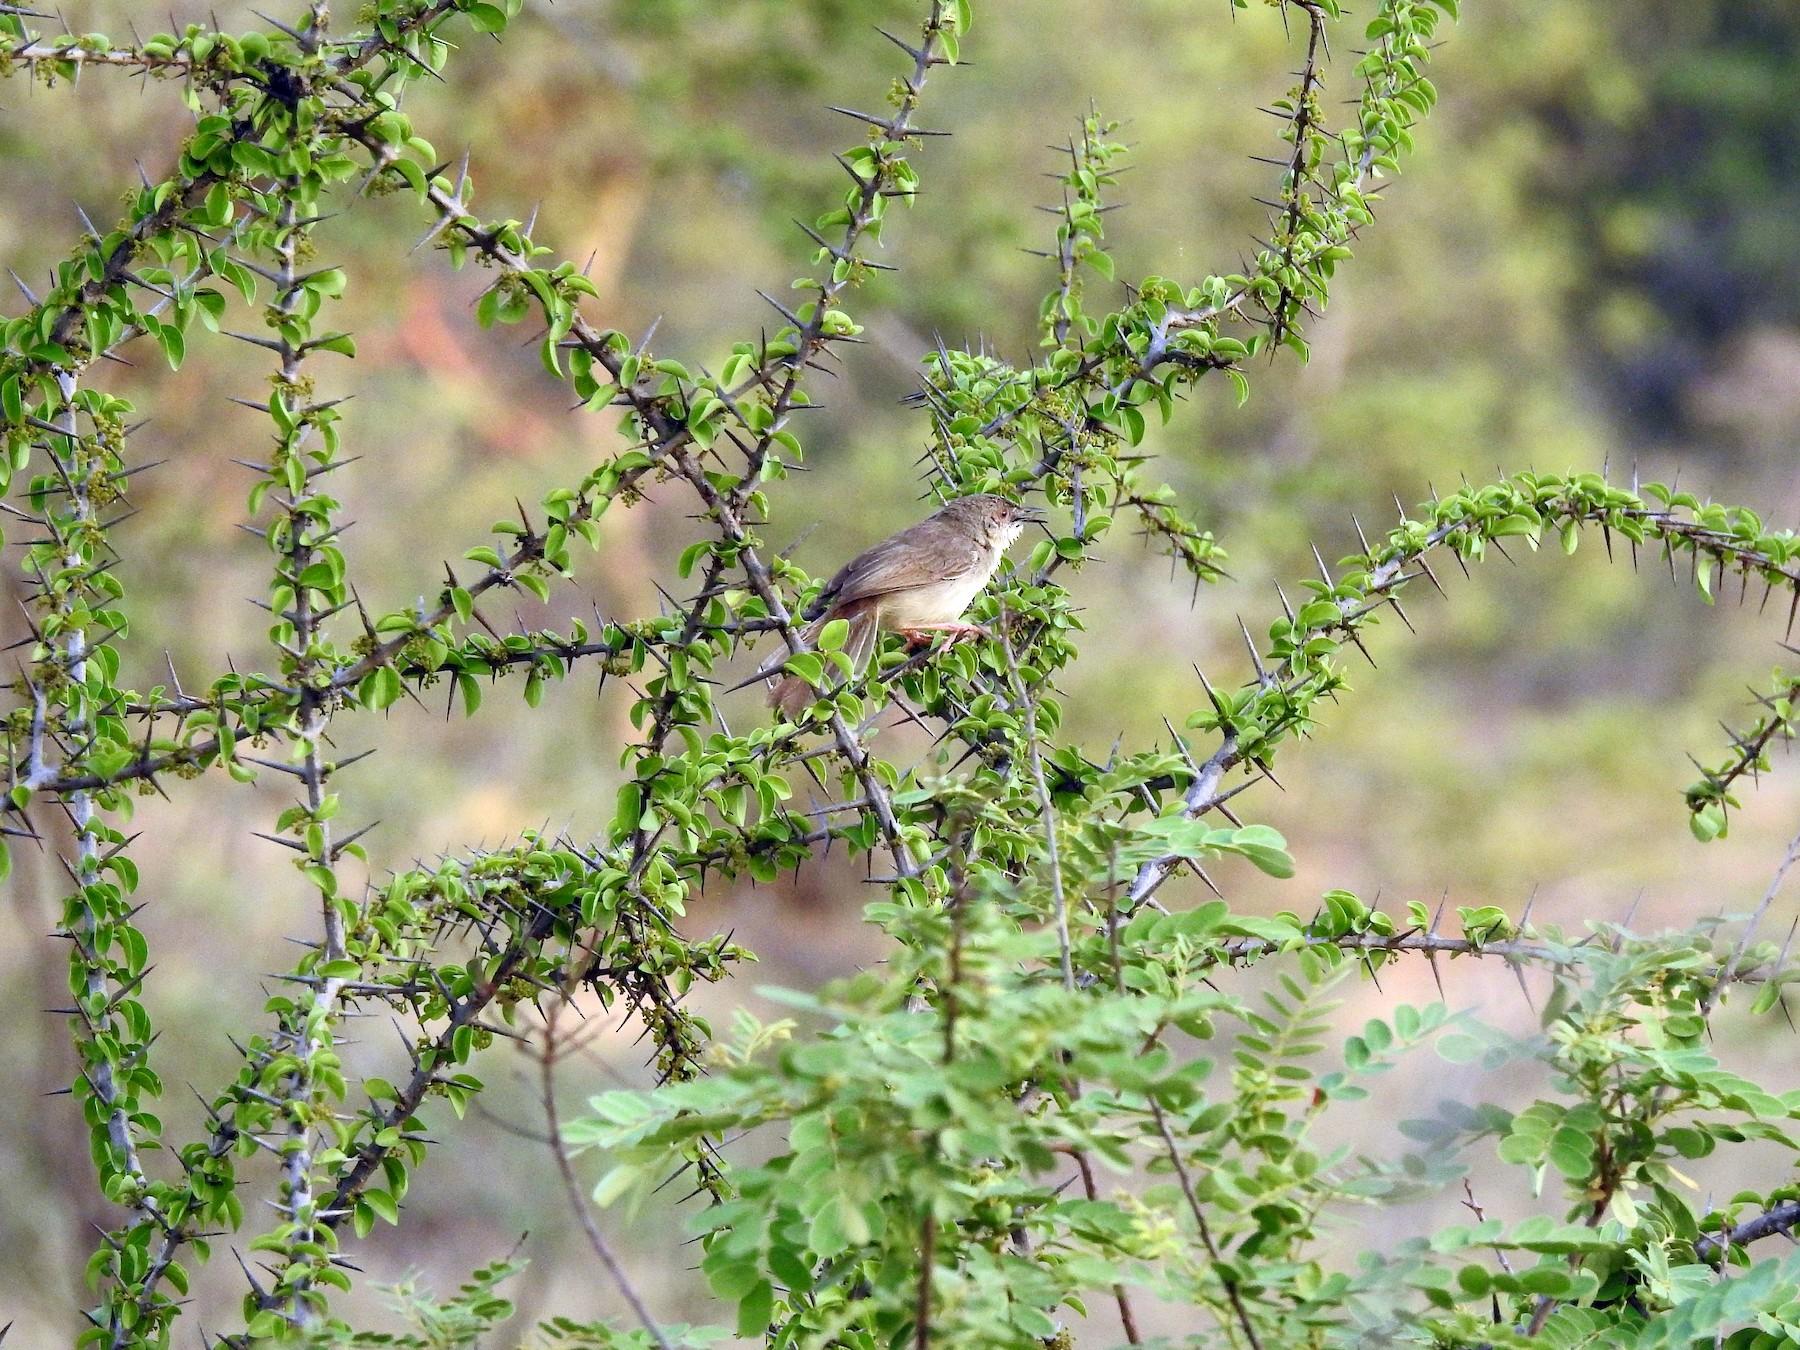 Jungle Prinia - Sivakumar Ramasamy